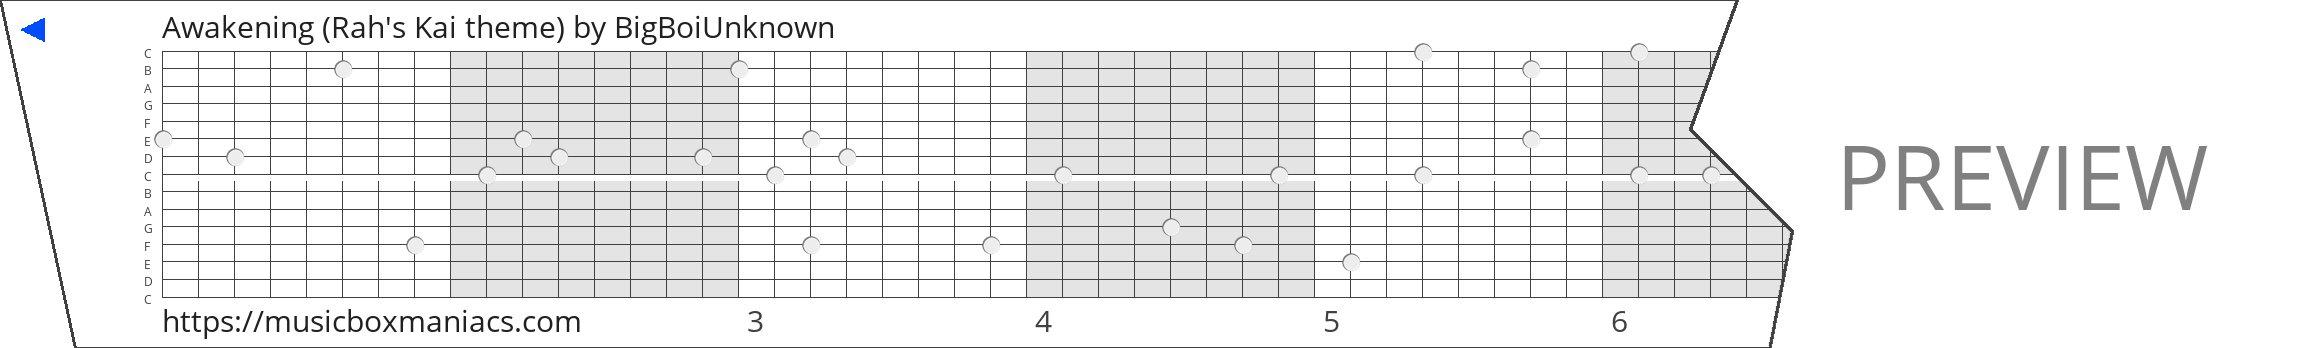 Awakening (Rah's Kai theme) 15 note music box paper strip